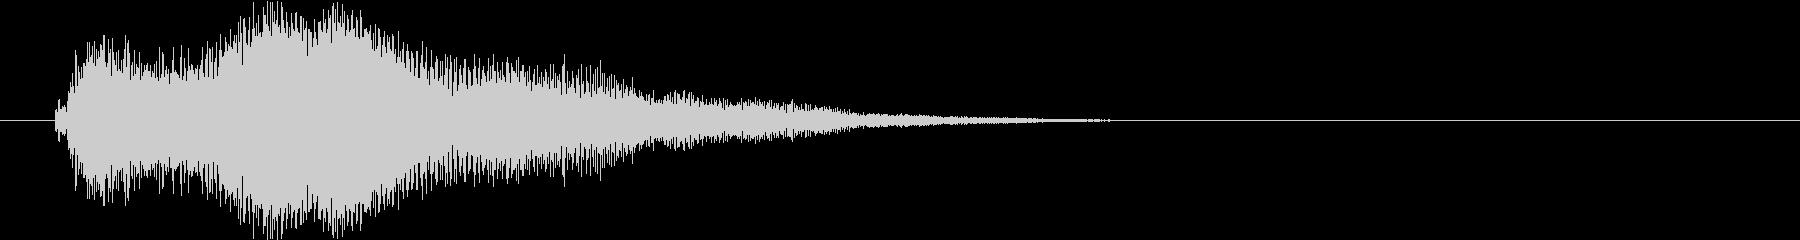 ファーン(ボタン、エフェクト、起動音)の未再生の波形